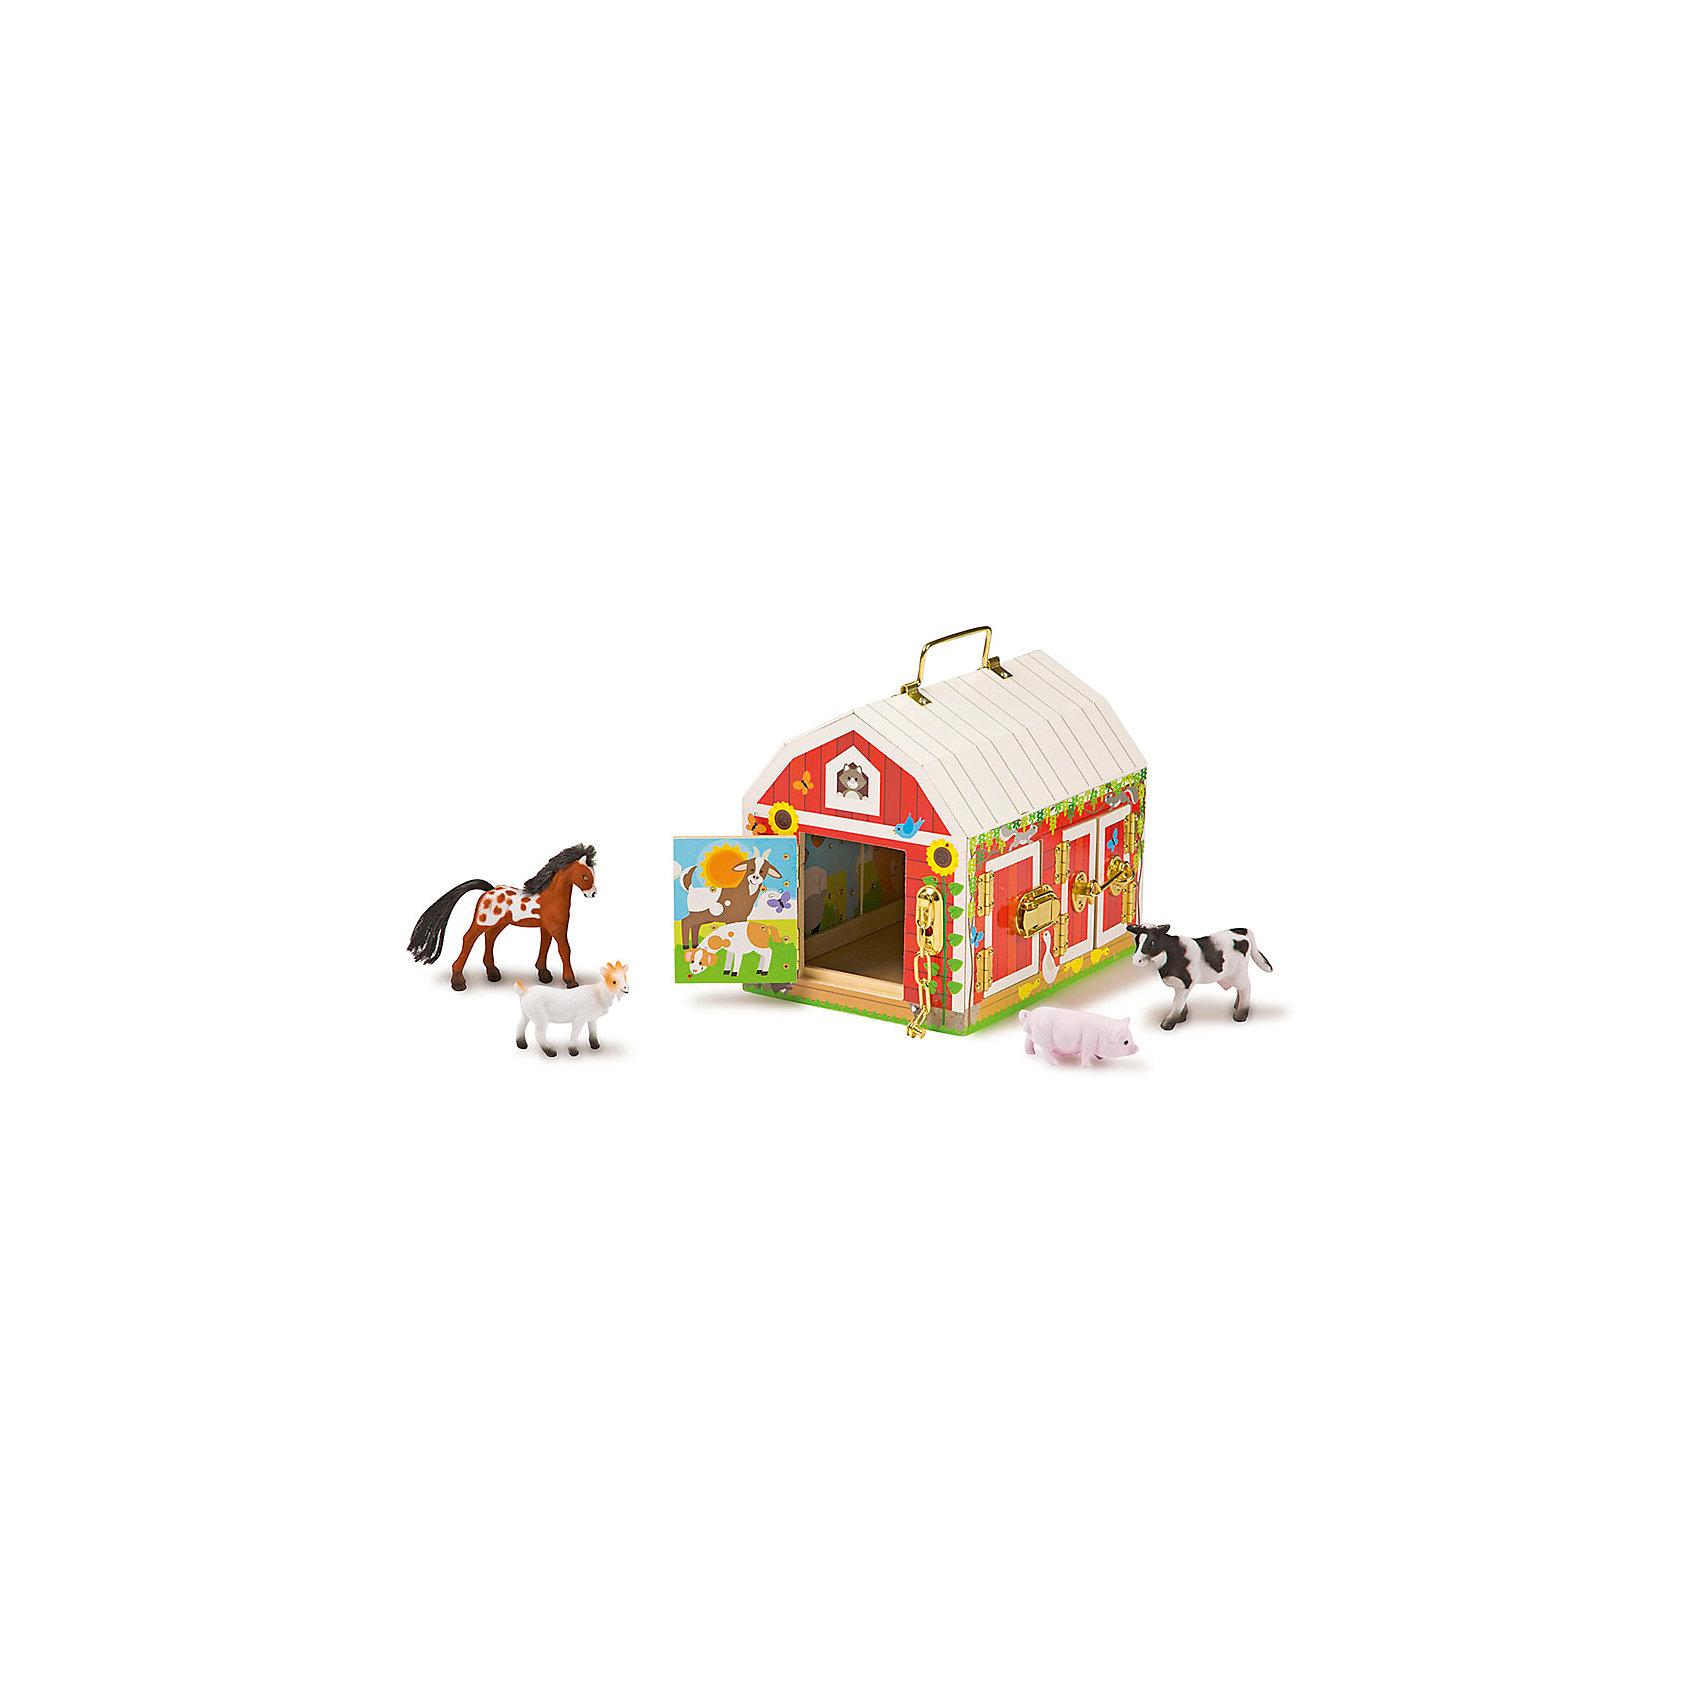 Деревянные игрушки Дом с замочками, Melissa &amp; DougИгрушечные домики и замки<br>Деревянные игрушки Дом с замочками, Melissa &amp; Doug<br><br>Характеристики:<br><br>• В набор входит: домик, 4 фигурки<br>• Размер игрушки: 23 * 17 * 20 см.<br>• Состав: дерево, картон, ПВХ<br>• Вес: 1610 г.<br>• Для детей в возрасте: от 3 до 5 лет<br>• Страна производитель: Китай <br><br>Домик удобно перемещать благодаря ручке на крышке, как снаружи, так и внутри домика расположены красочные рисунки. У амбара всего шесть разнообразных по формату и стилю дверей, которые закрываются на уникальные замочки. В набор входят шпингалеты, цепочки, крючковый замок, замок-клипса и задвижка, все они выполнены очень качественно и представлены в блестящем золотом цвете.<br><br>В амбаре размещены четыре фигурки животных фермы: лошадь, коза, корова и свинья. Шкурки животных отделаны мягким материалом, благодаря которому на ощупь они как бархат. Ребёнок будет много играть с этим занимательным развивающим амбаром и его животными. <br><br>Деревянные игрушки Дом с замочками, Melissa &amp; Doug можно купить в нашем интернет-магазине.<br><br>Ширина мм: 200<br>Глубина мм: 170<br>Высота мм: 230<br>Вес г: 1610<br>Возраст от месяцев: 36<br>Возраст до месяцев: 2147483647<br>Пол: Унисекс<br>Возраст: Детский<br>SKU: 5451054